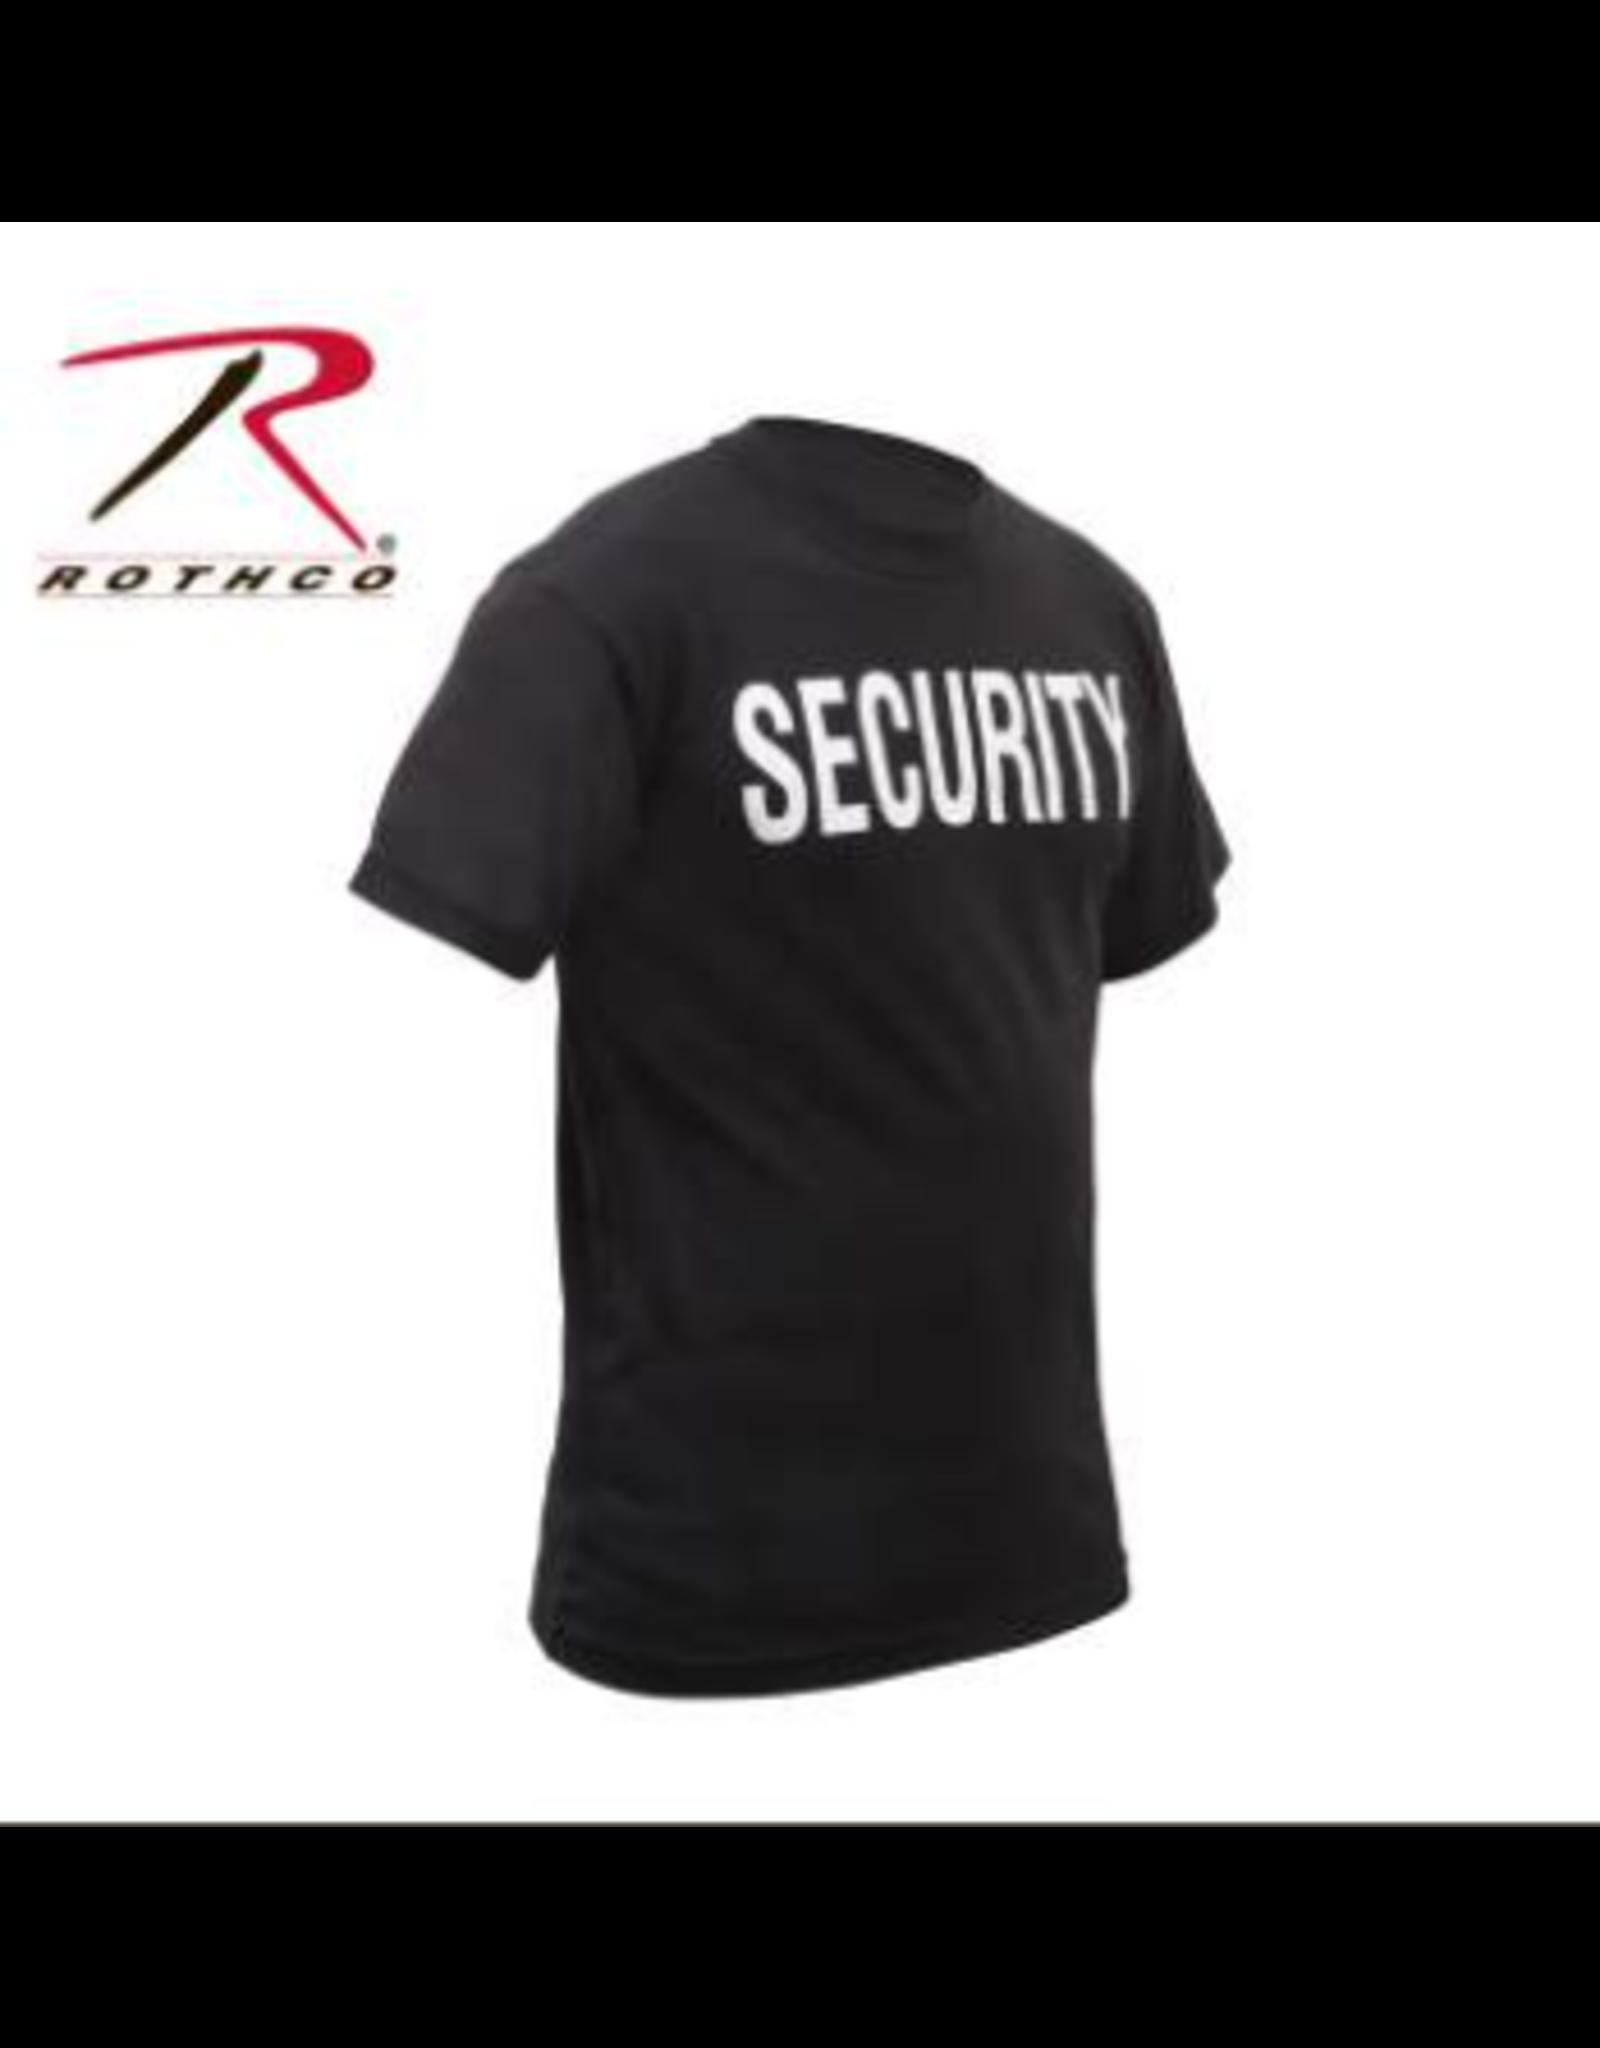 Rothco Rothco Security T-shirt S